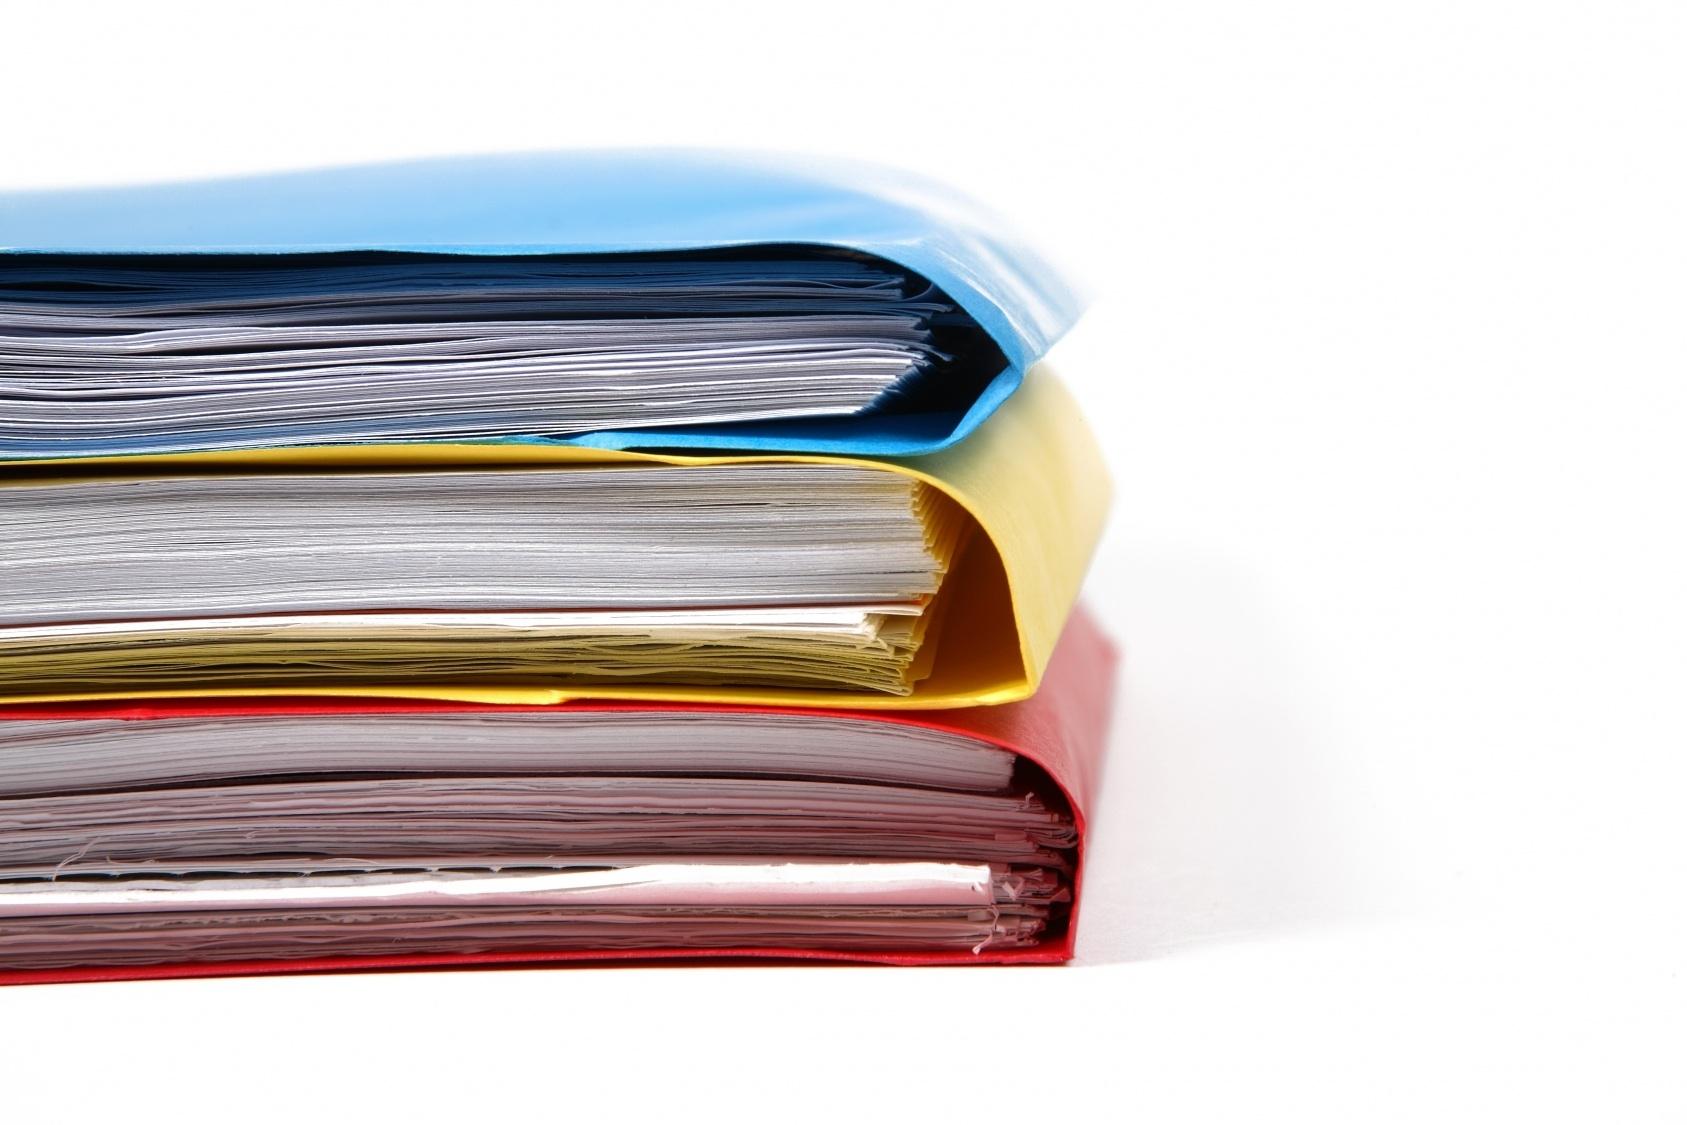 Documentos que você deveria solicitar na integração de funcionários